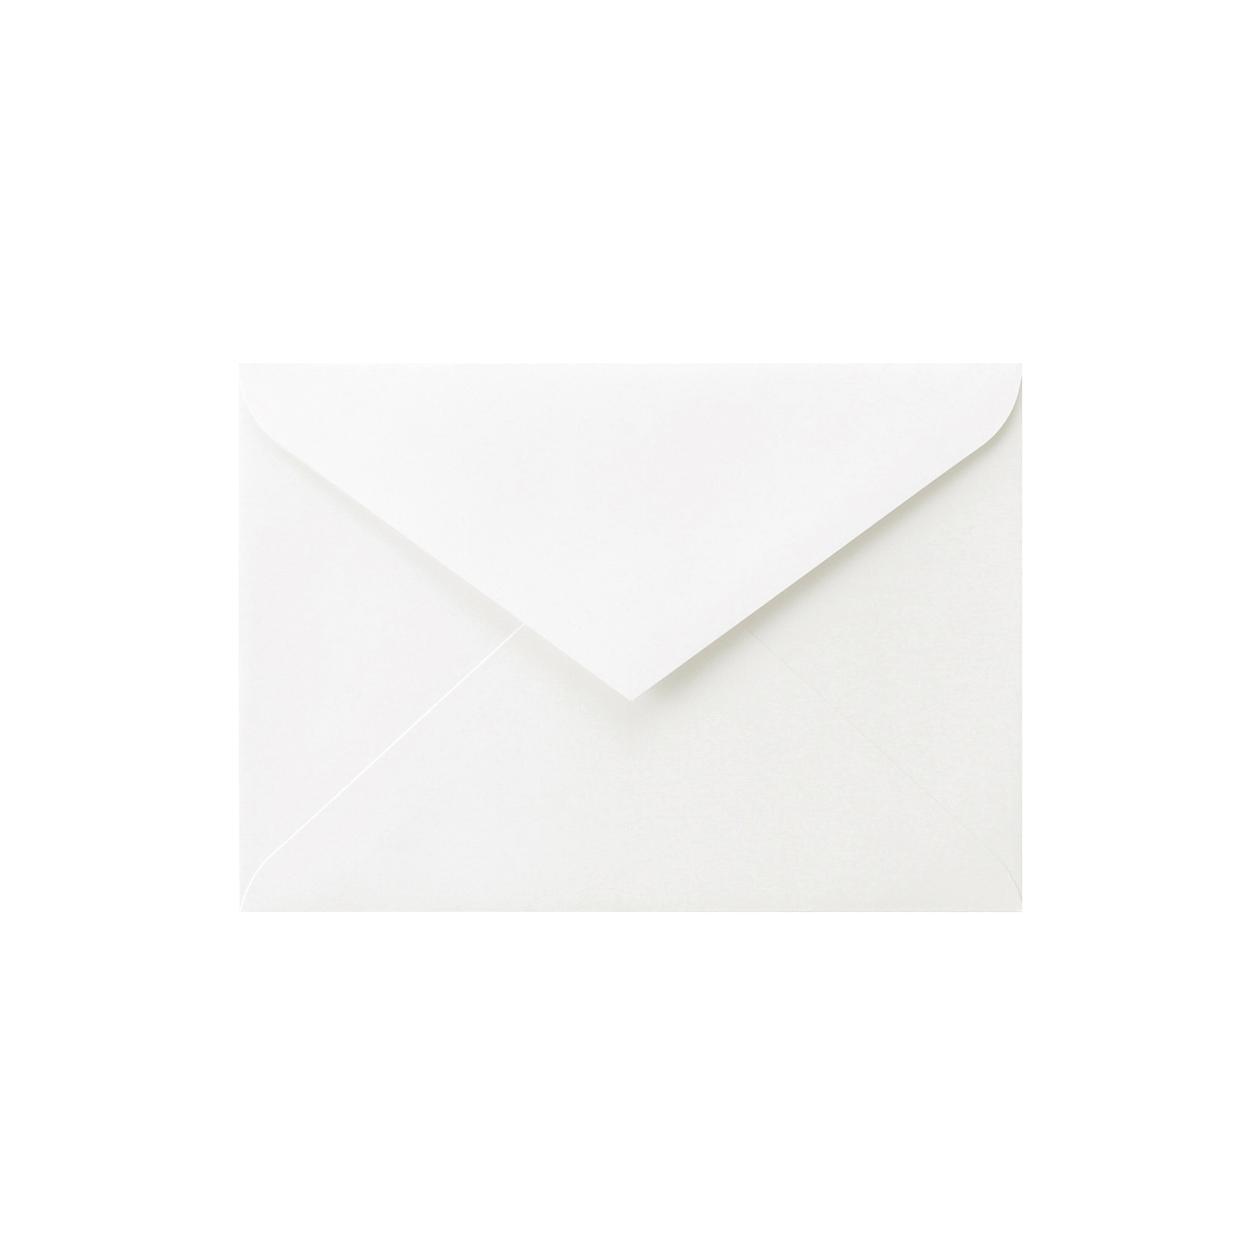 洋2ダイア封筒 クラウド 127.9g